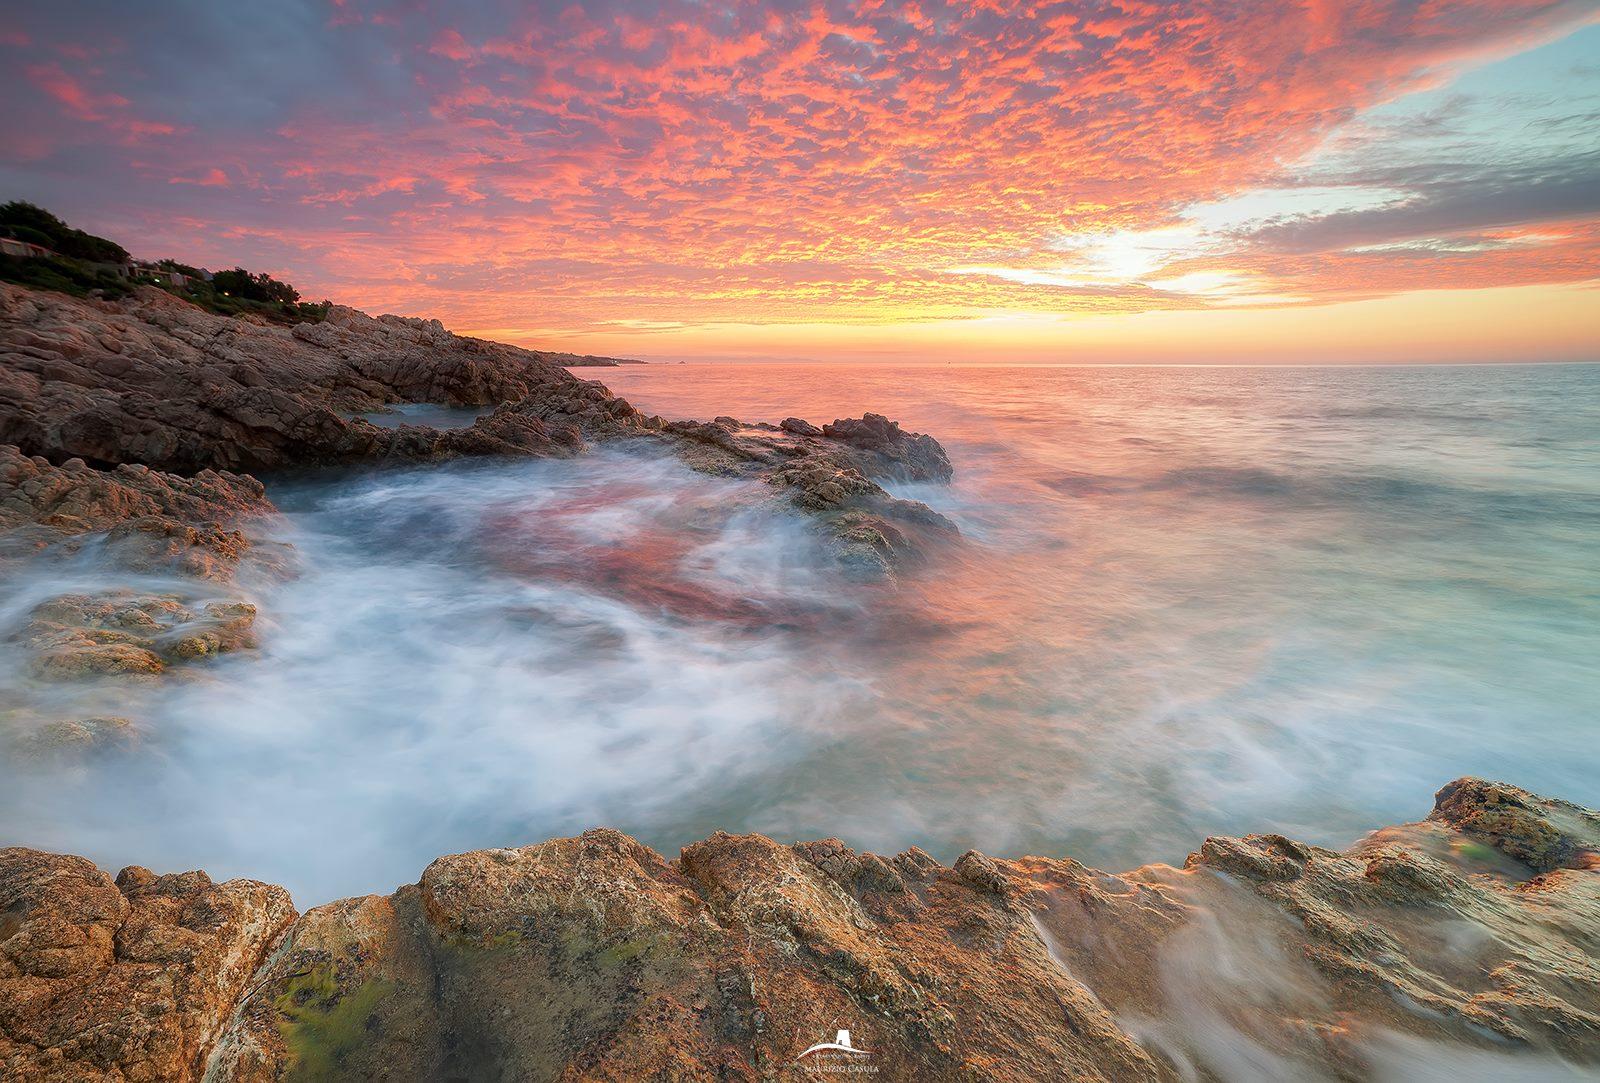 Foto di Maurizio Casula Fotografo Talentuoso di Cagliari.